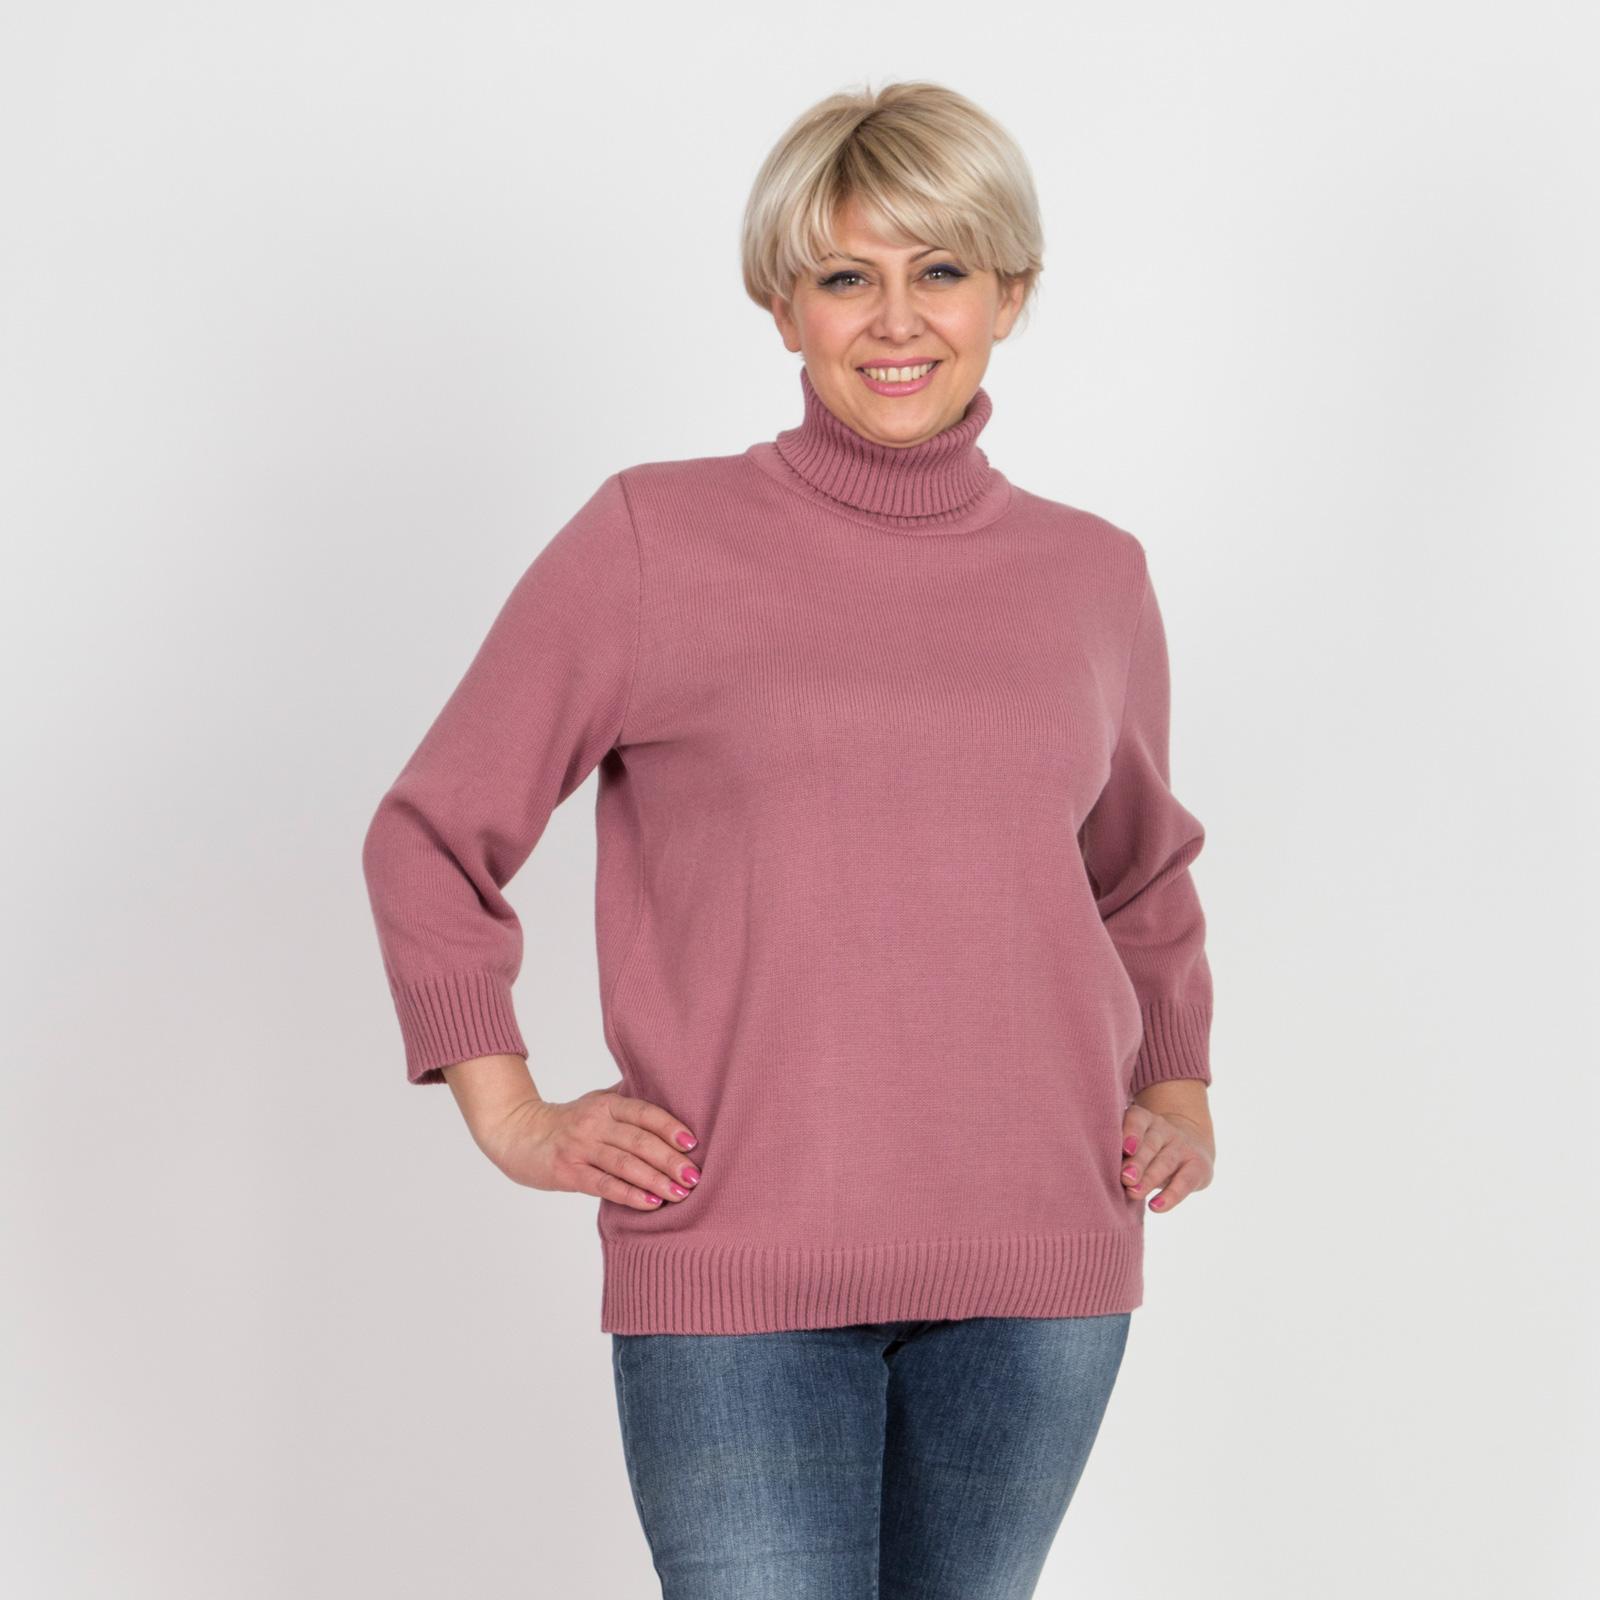 Пуловер с рукавом 3 4 доставка